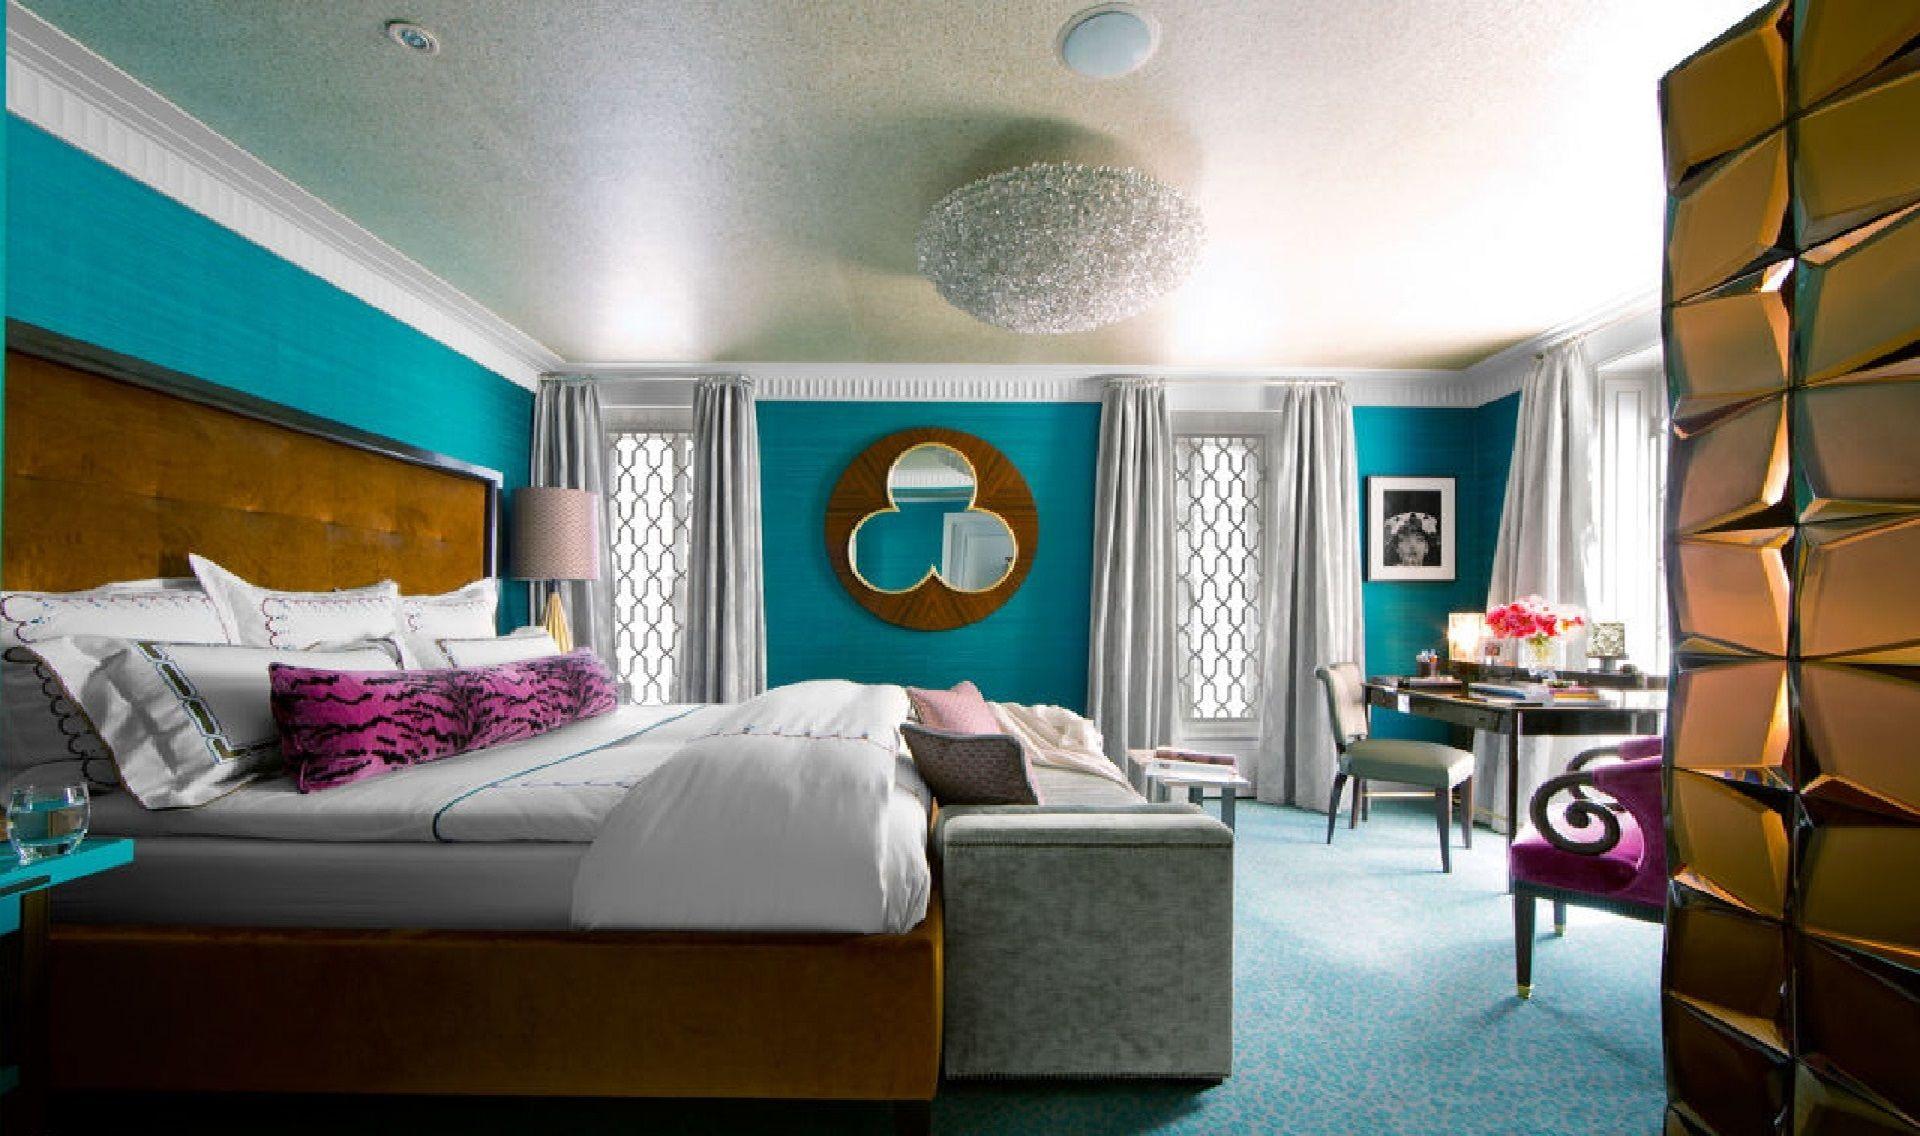 Best Kitchen Gallery: Interactive Bedroom Design Home Design Ideas of Interactive Bedroom Design  on rachelxblog.com